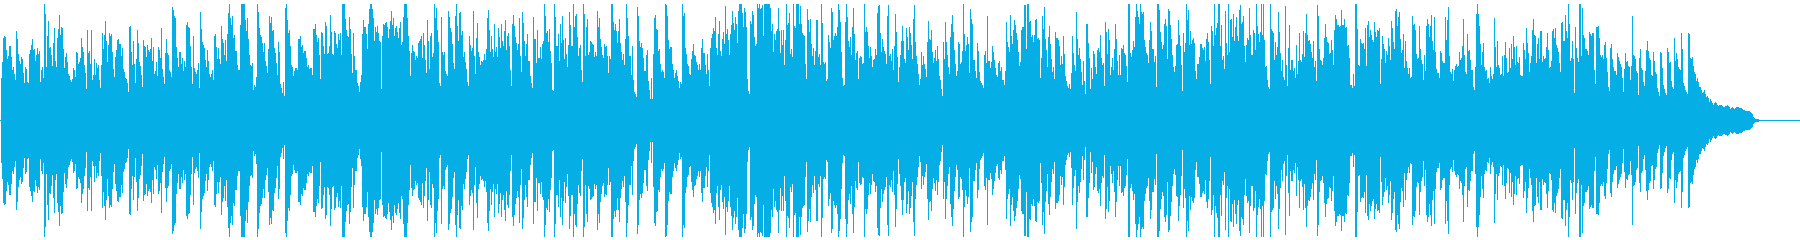 怪盗の逃走シーン的ジャズ、ハードボイルドの再生済みの波形